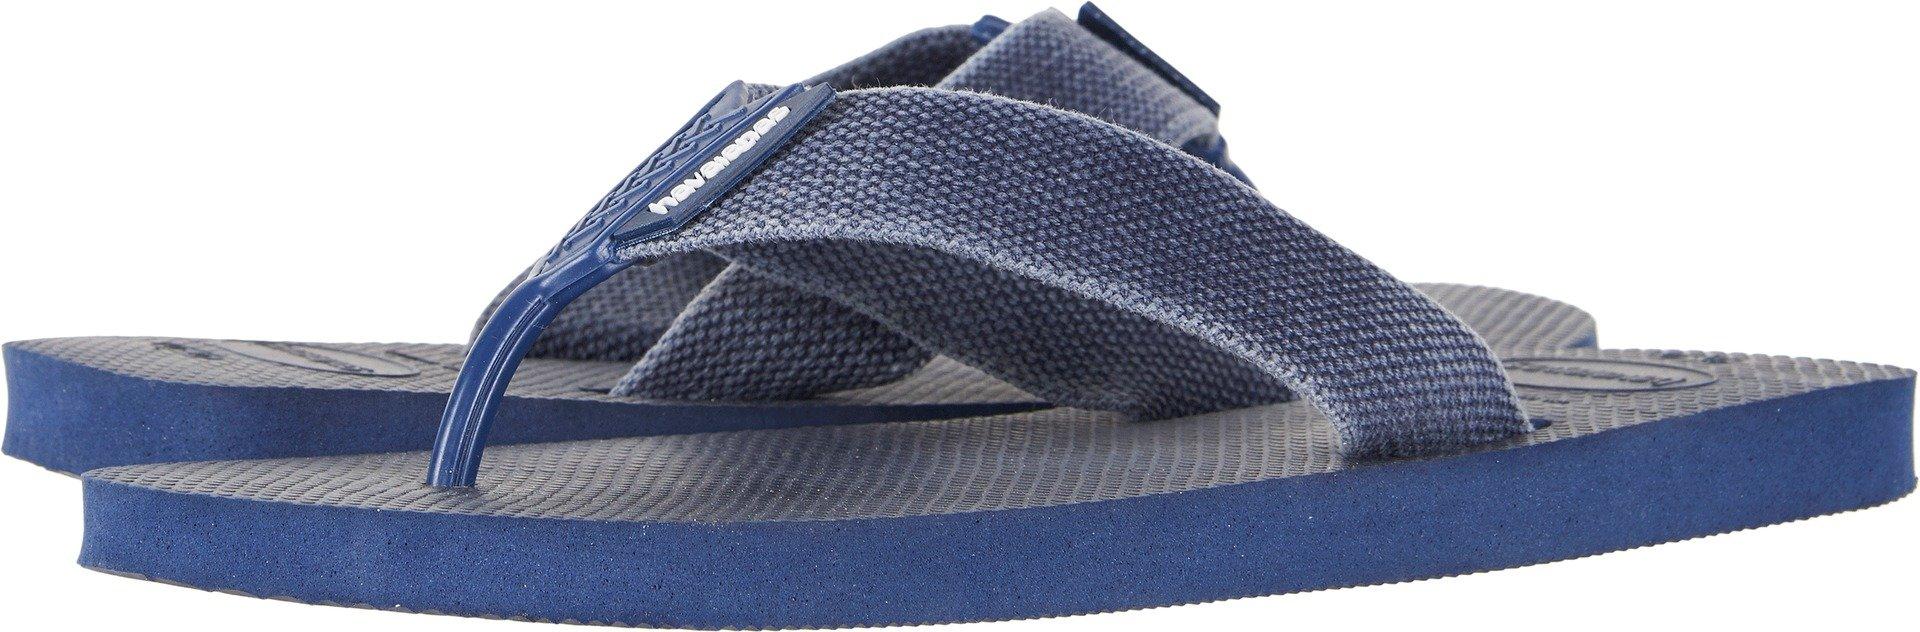 Havaianas Men's Flip-Flop Sandals, Urban Basic,Navy Blue/Indigo Blue,41/42 BR (9/10 M US)